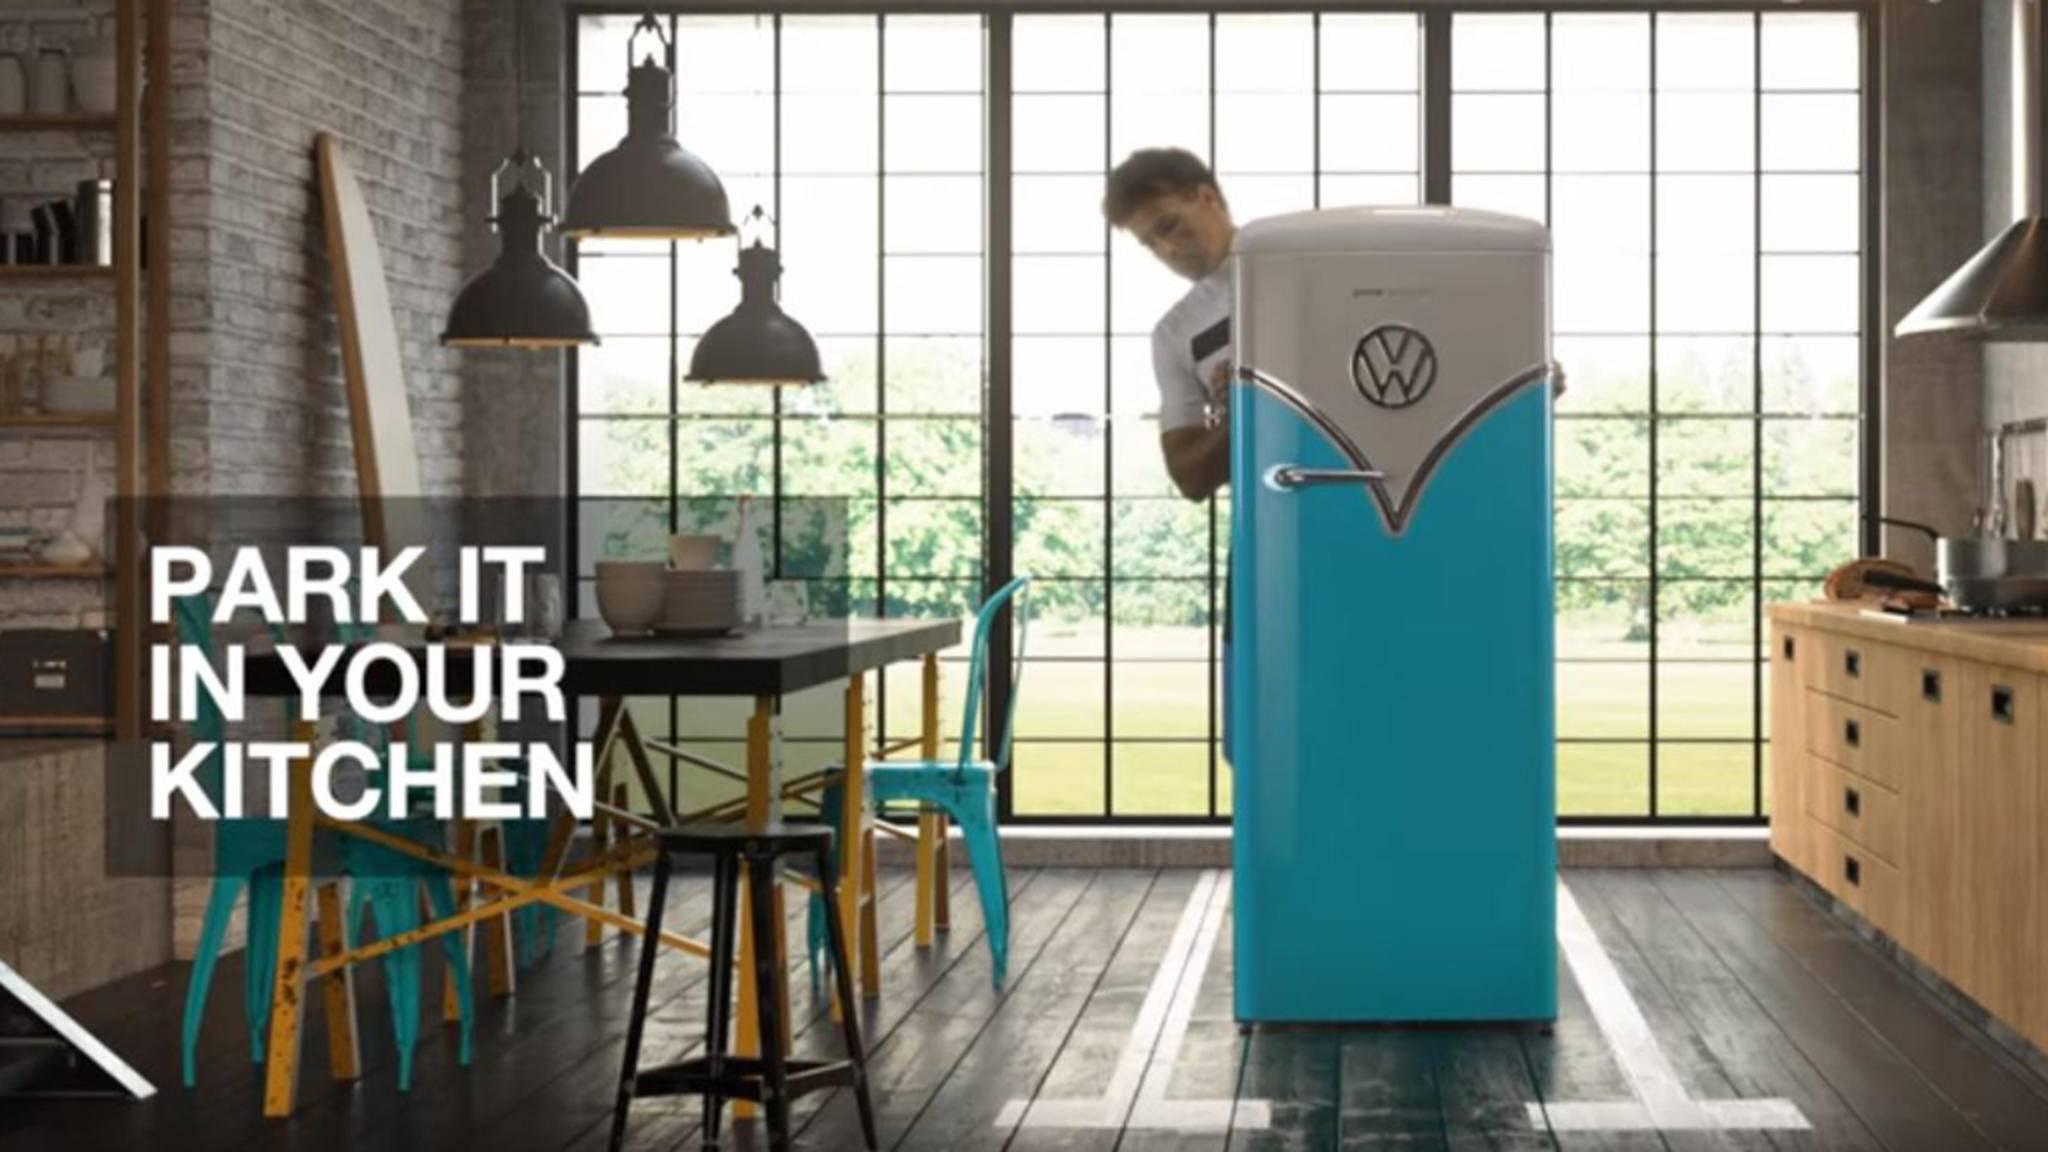 Nicht nur für Autonarren: Der neue Gorenje-Kühlschrank bringt neben dem lässigen VW-Design modernste Technik mit sich.